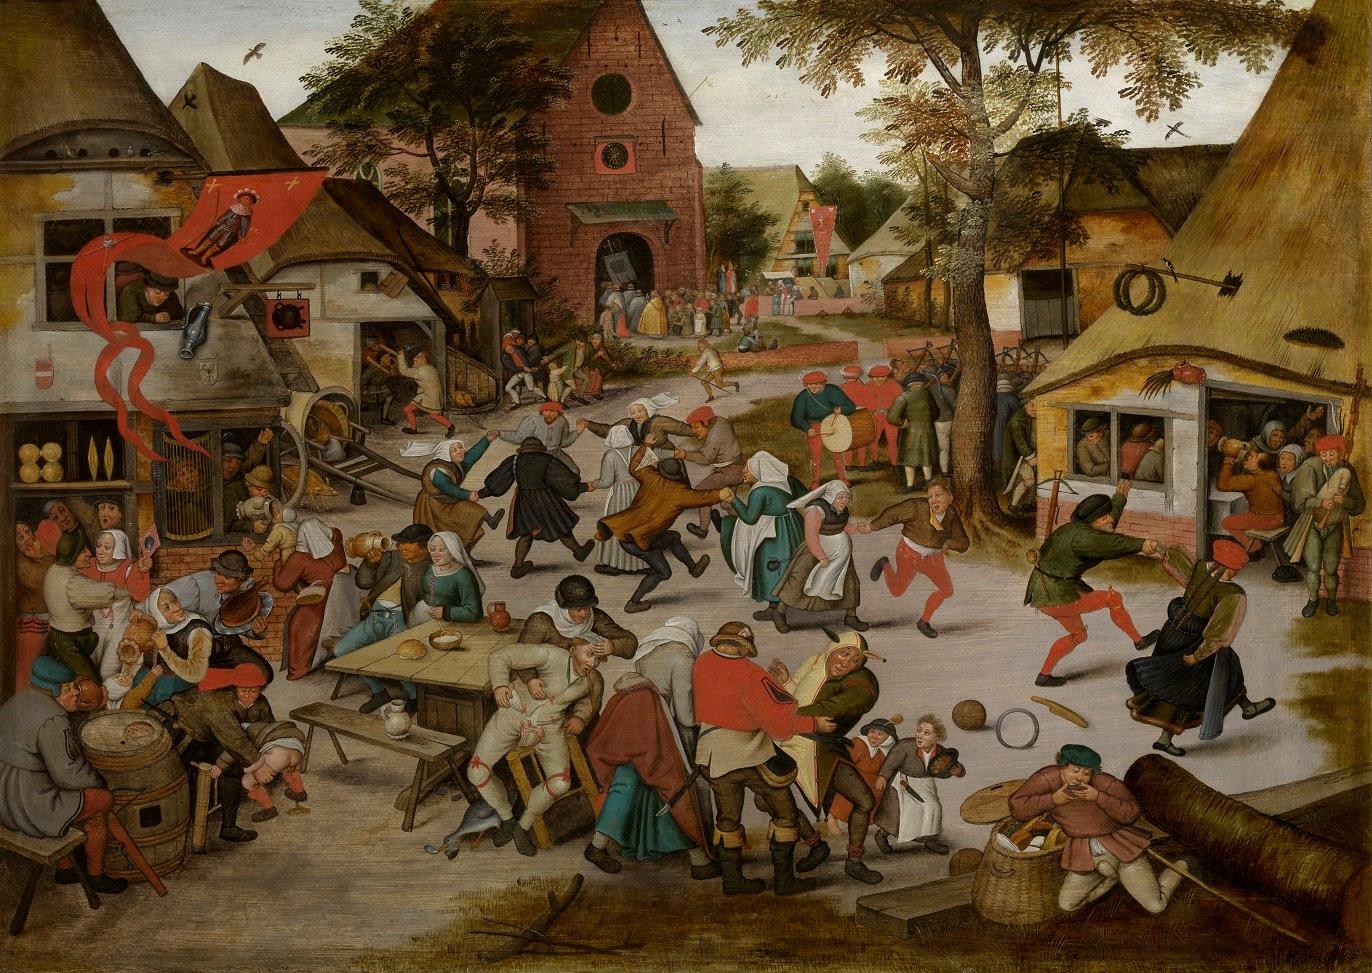 Pieter Breughel II (1564-1638), Pieter Brueghel III (1589-1608), <em>Fair of Saint George</em>, seventeenth century<br /> KMSKA, Antwerp